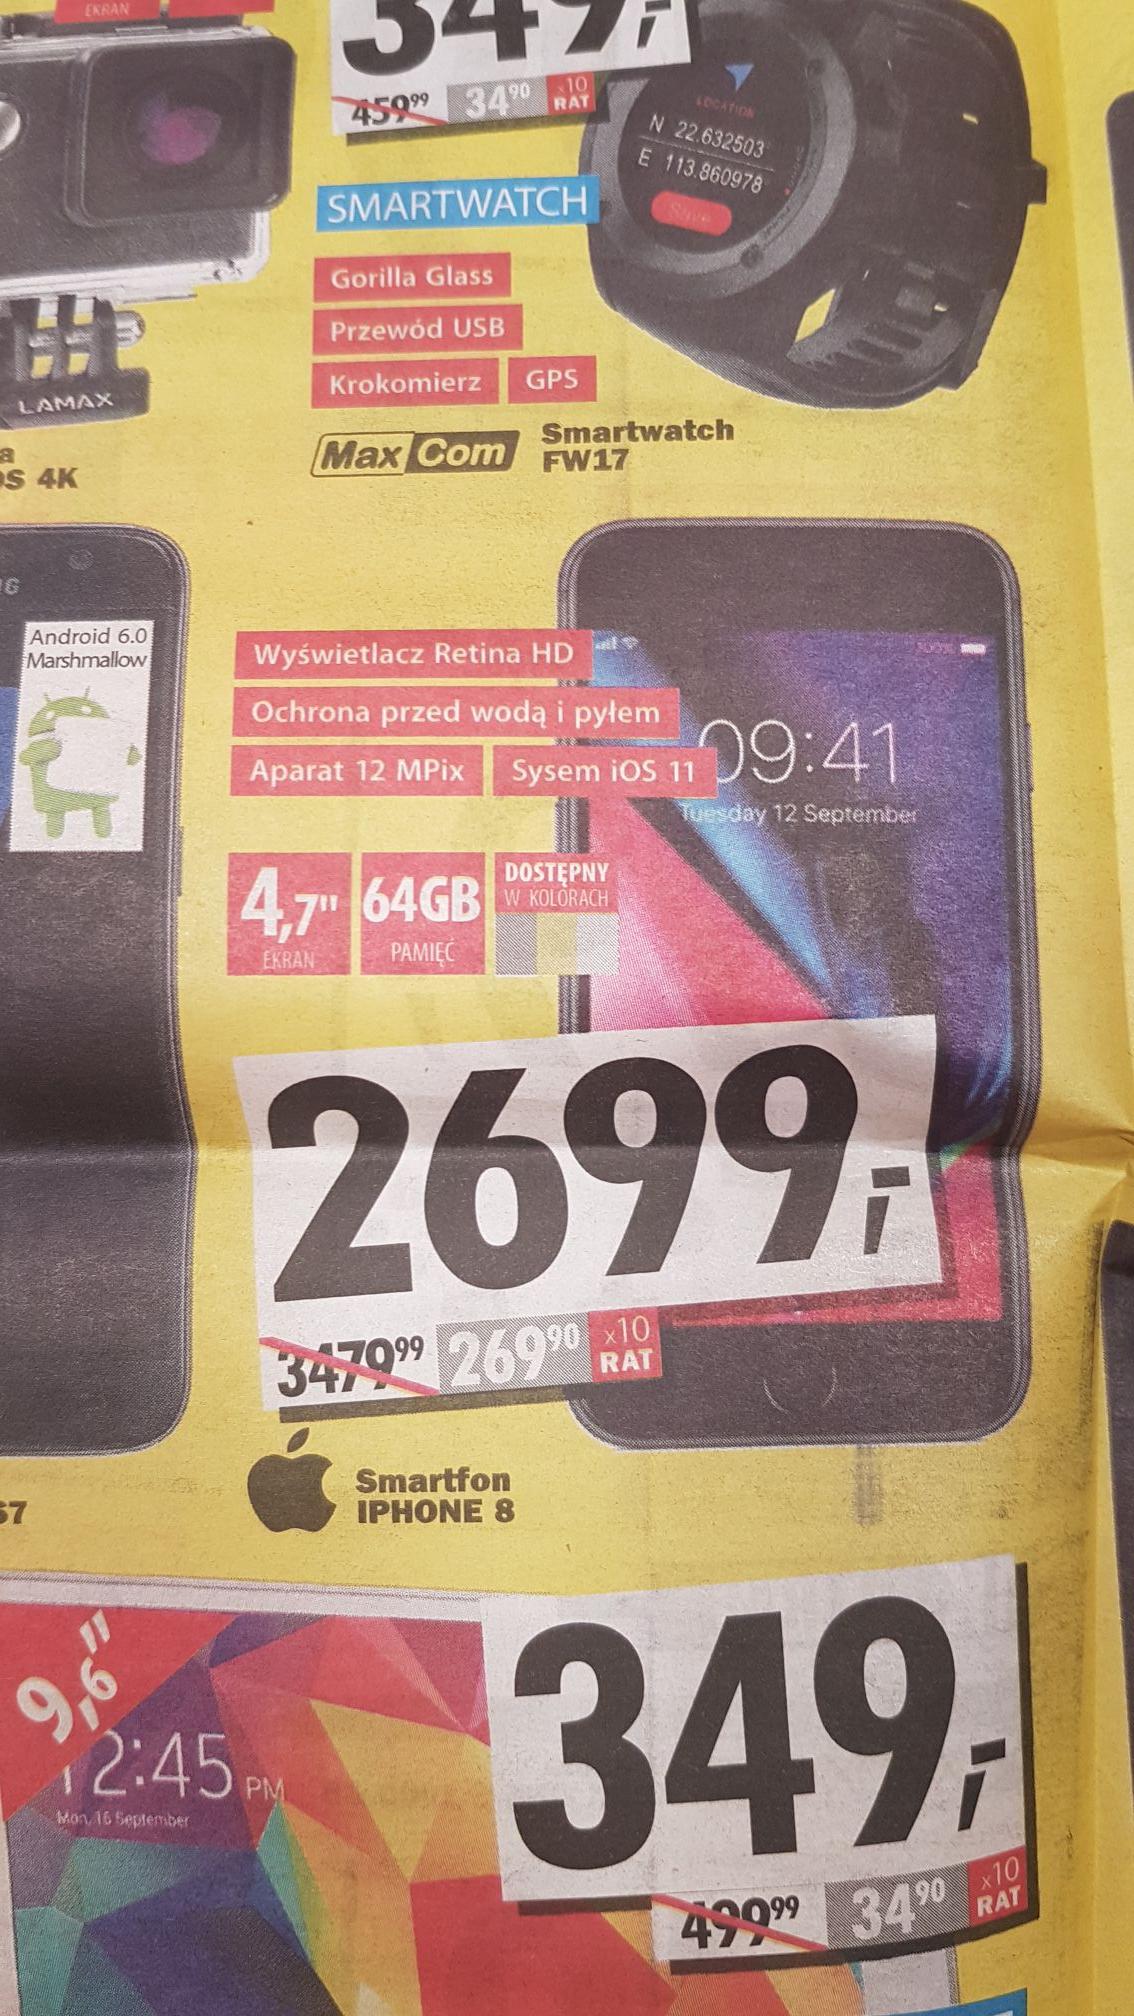 iPhone 8 w media expert (Gdańsk)